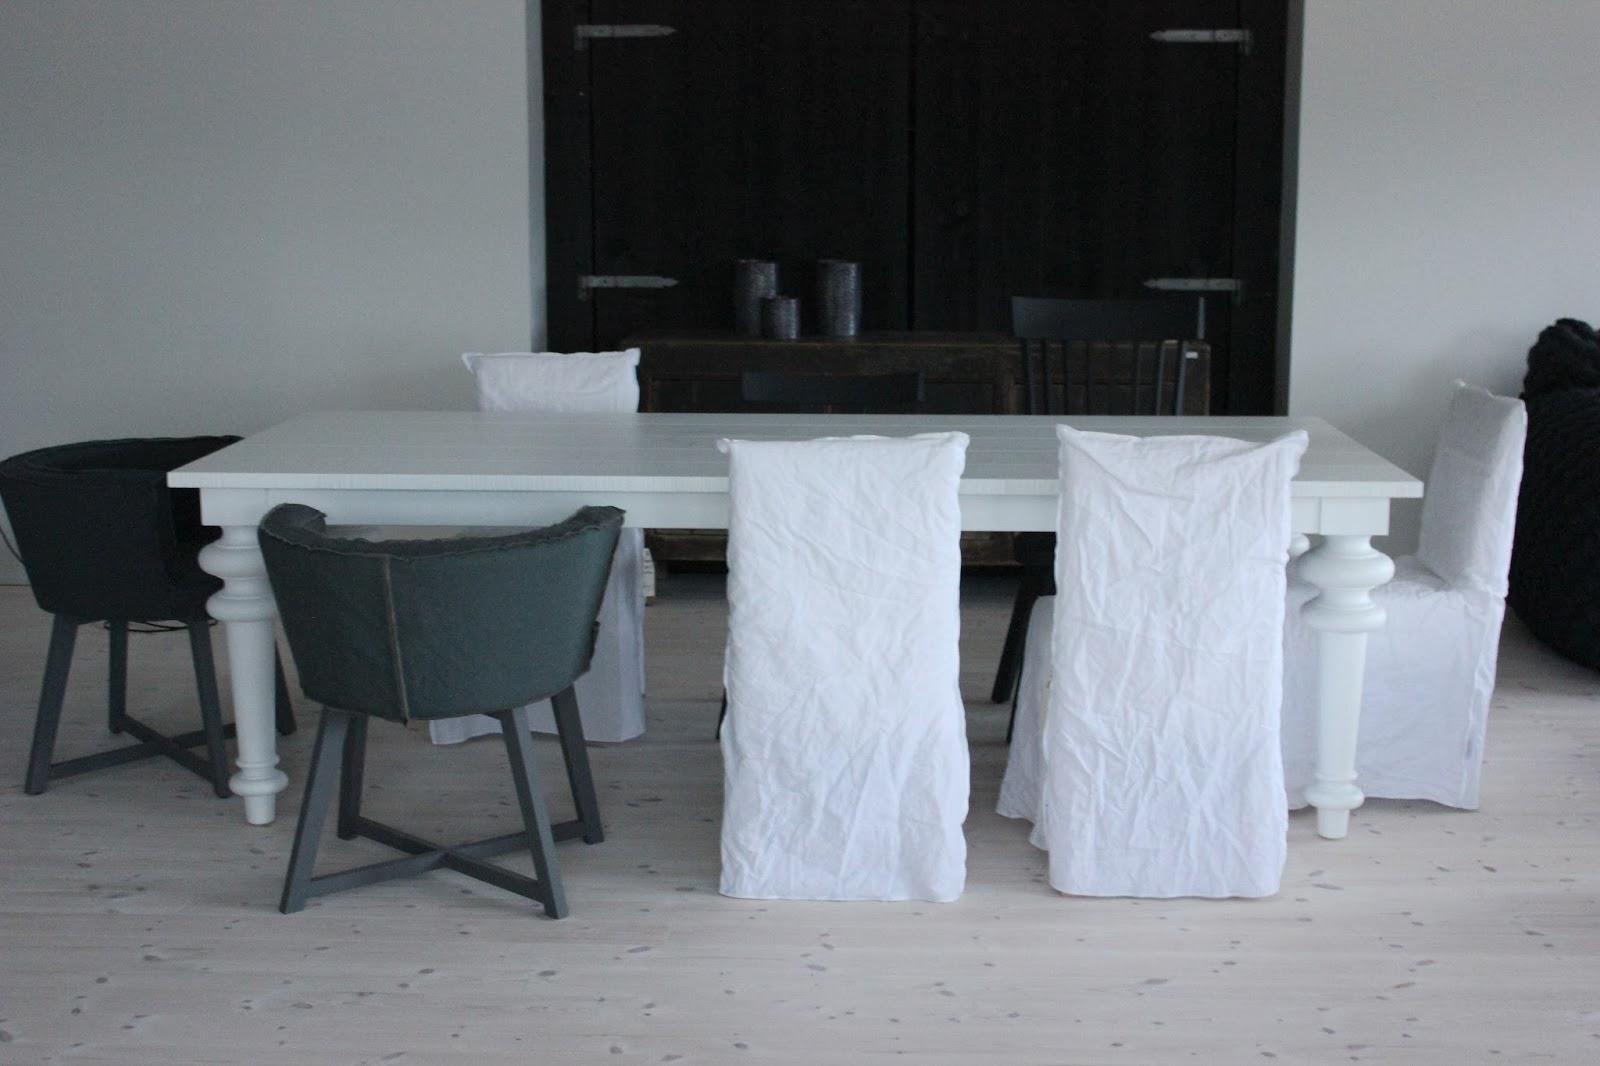 myhome og len m bel nye lokalene. Black Bedroom Furniture Sets. Home Design Ideas